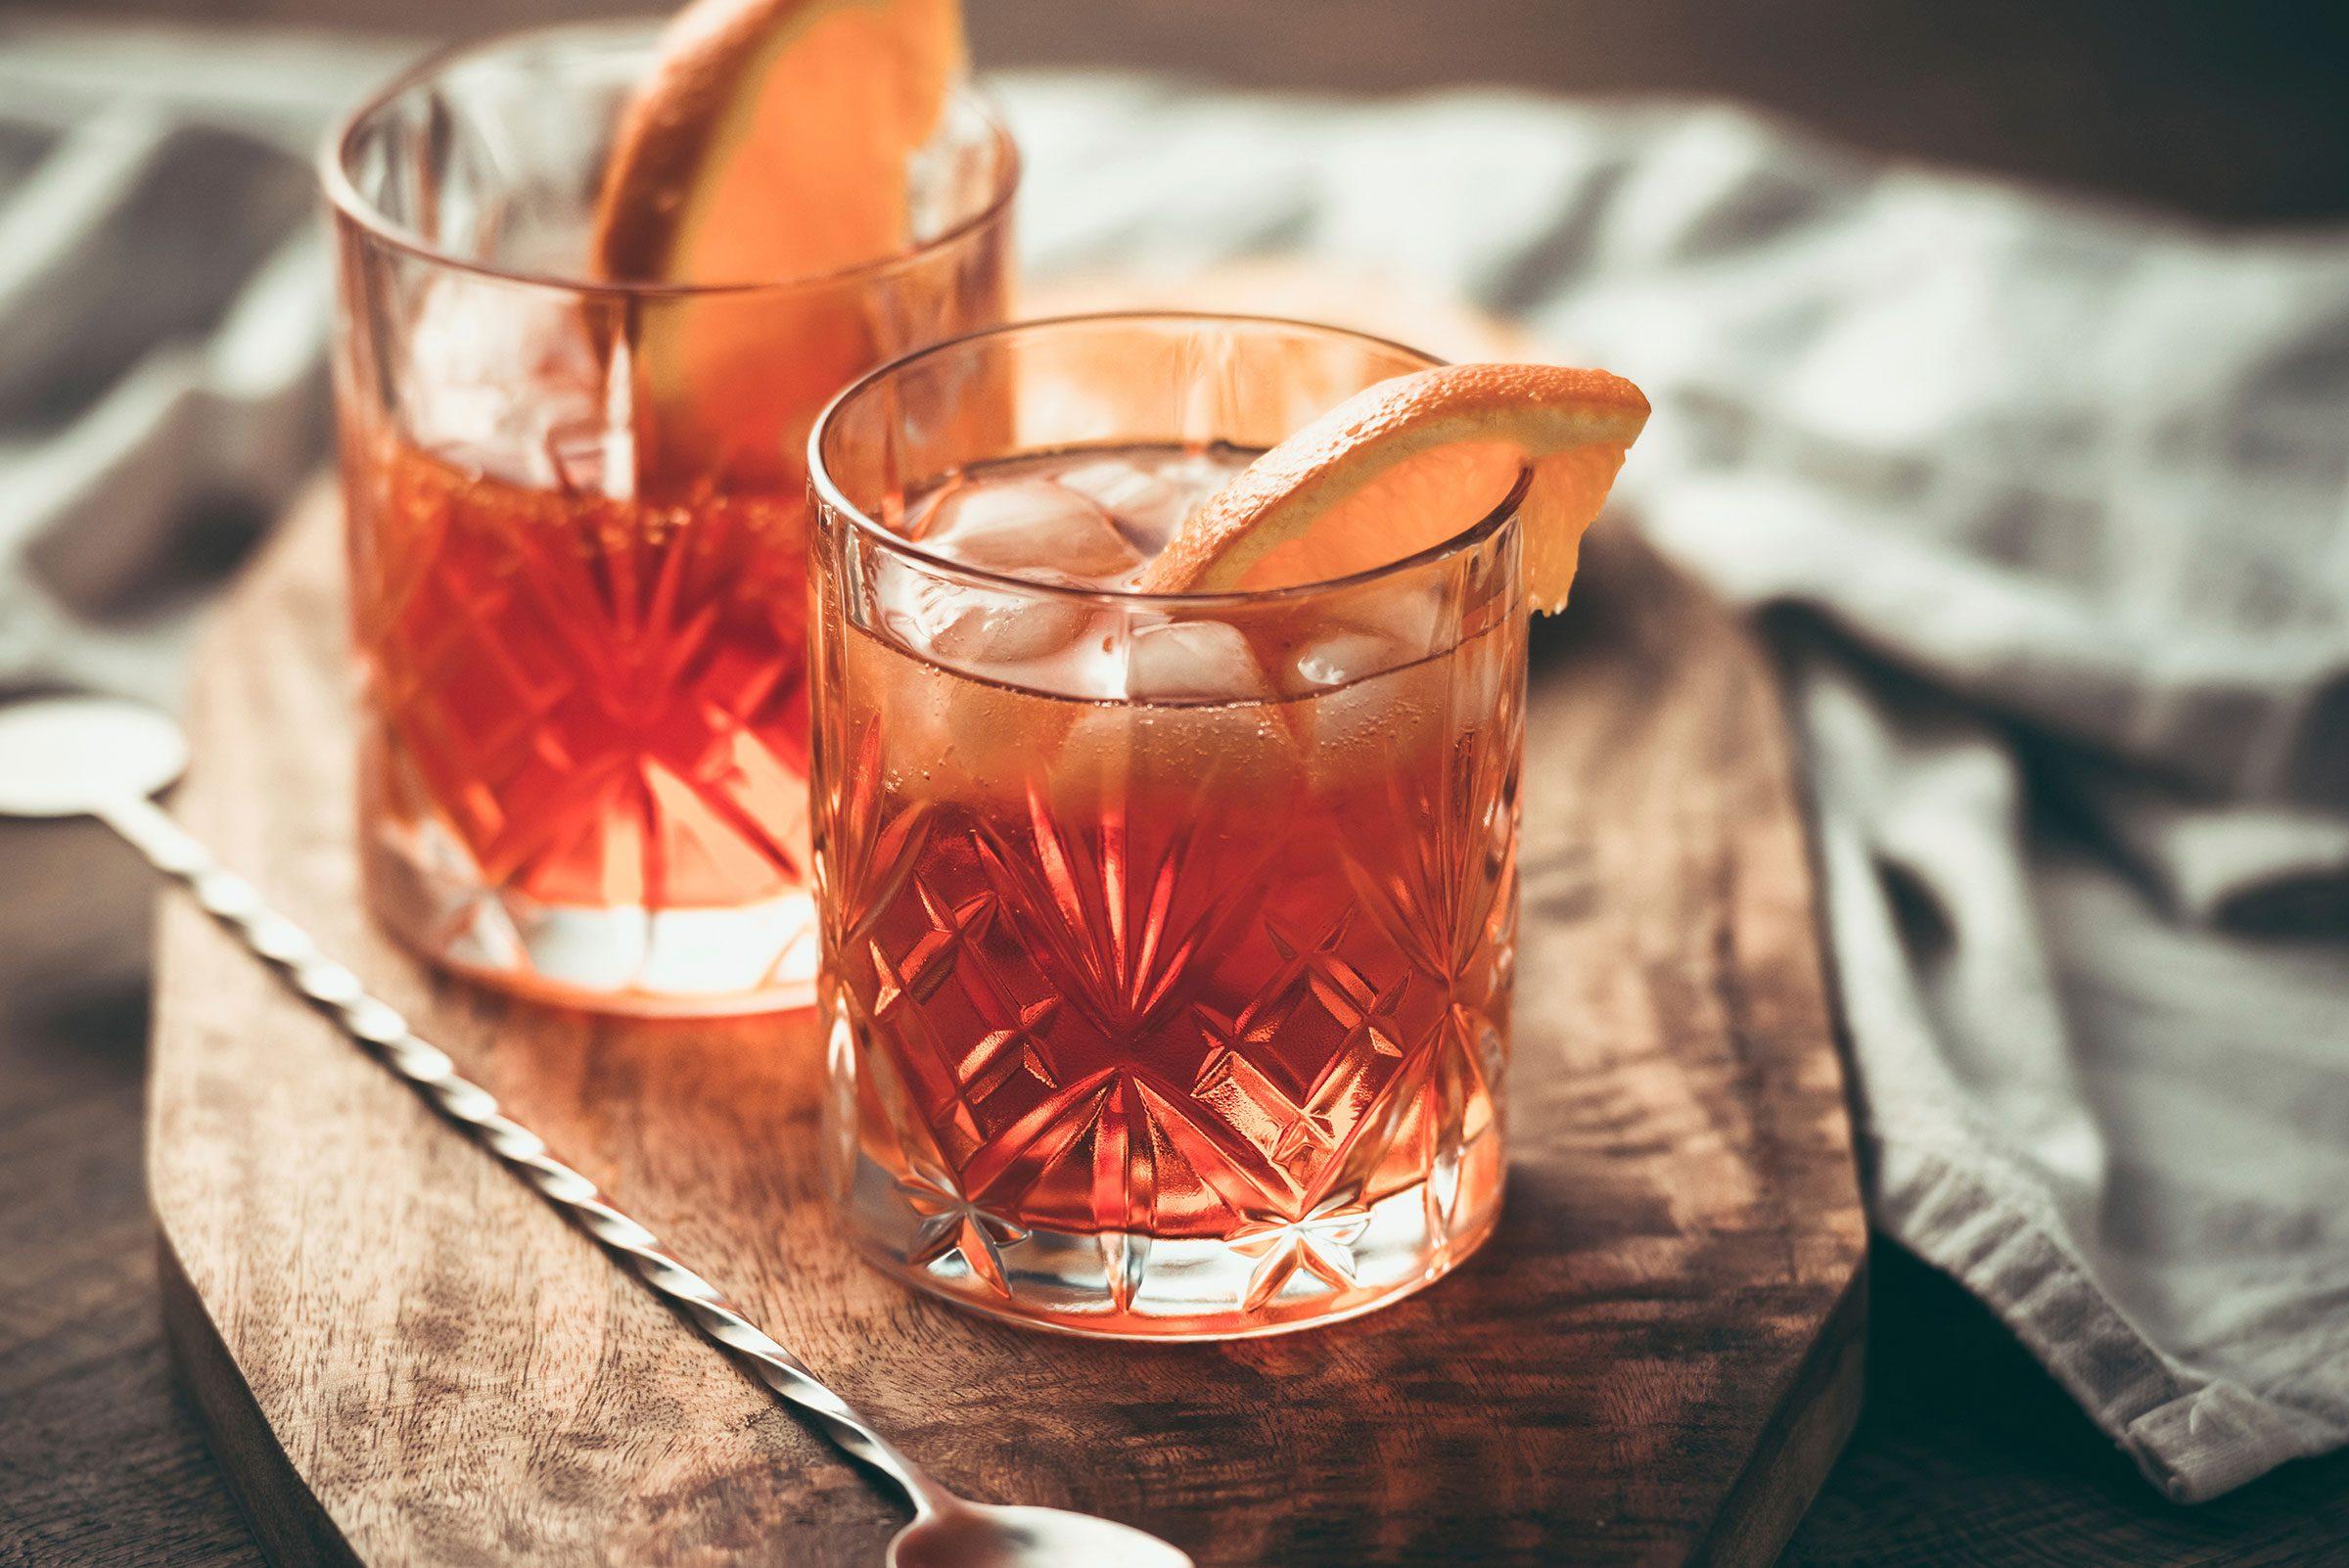 couple-heureux-apres-travail-cocktail